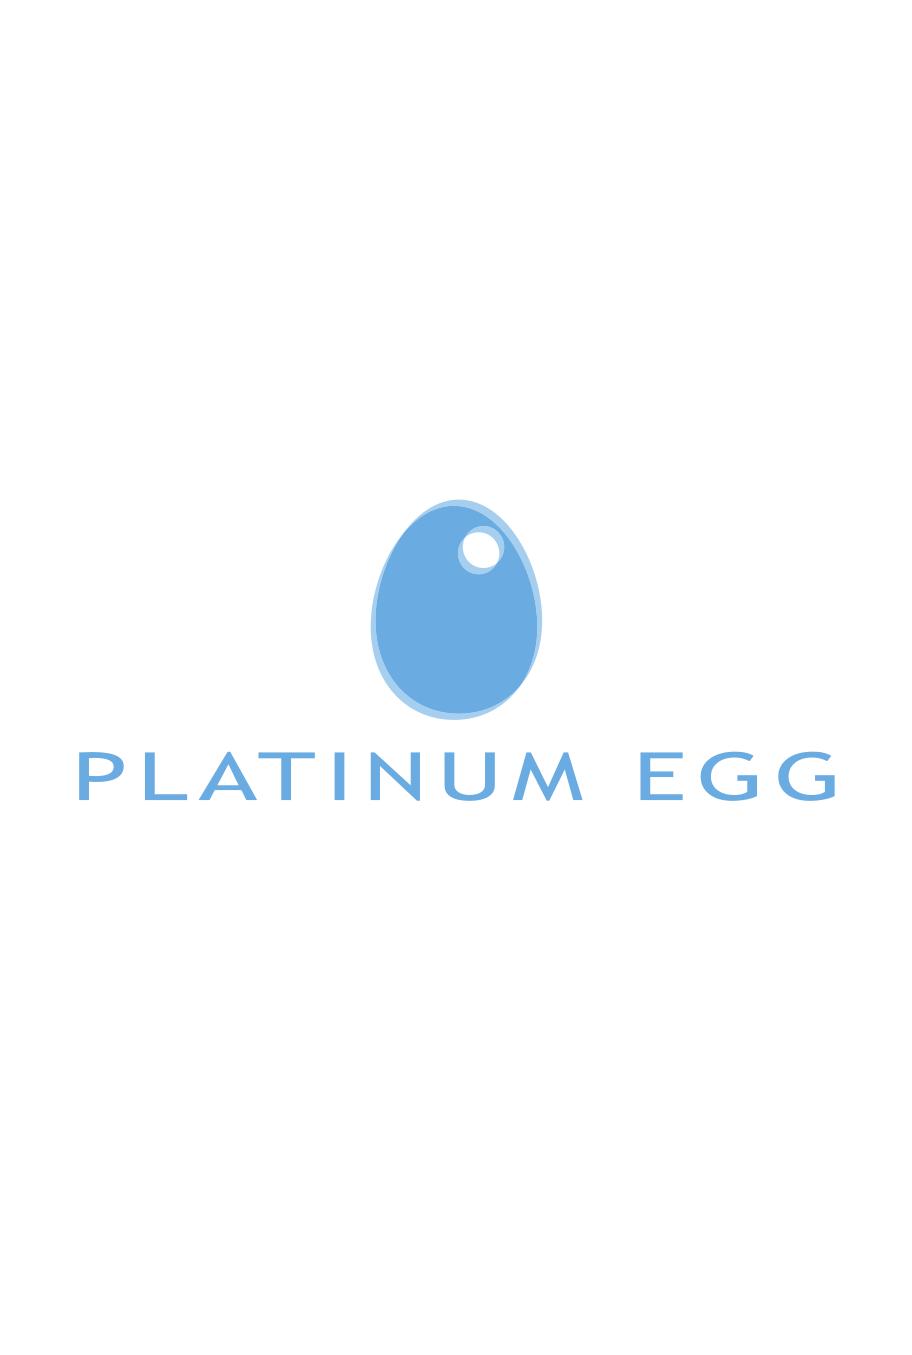 株式会社Platinum Egg